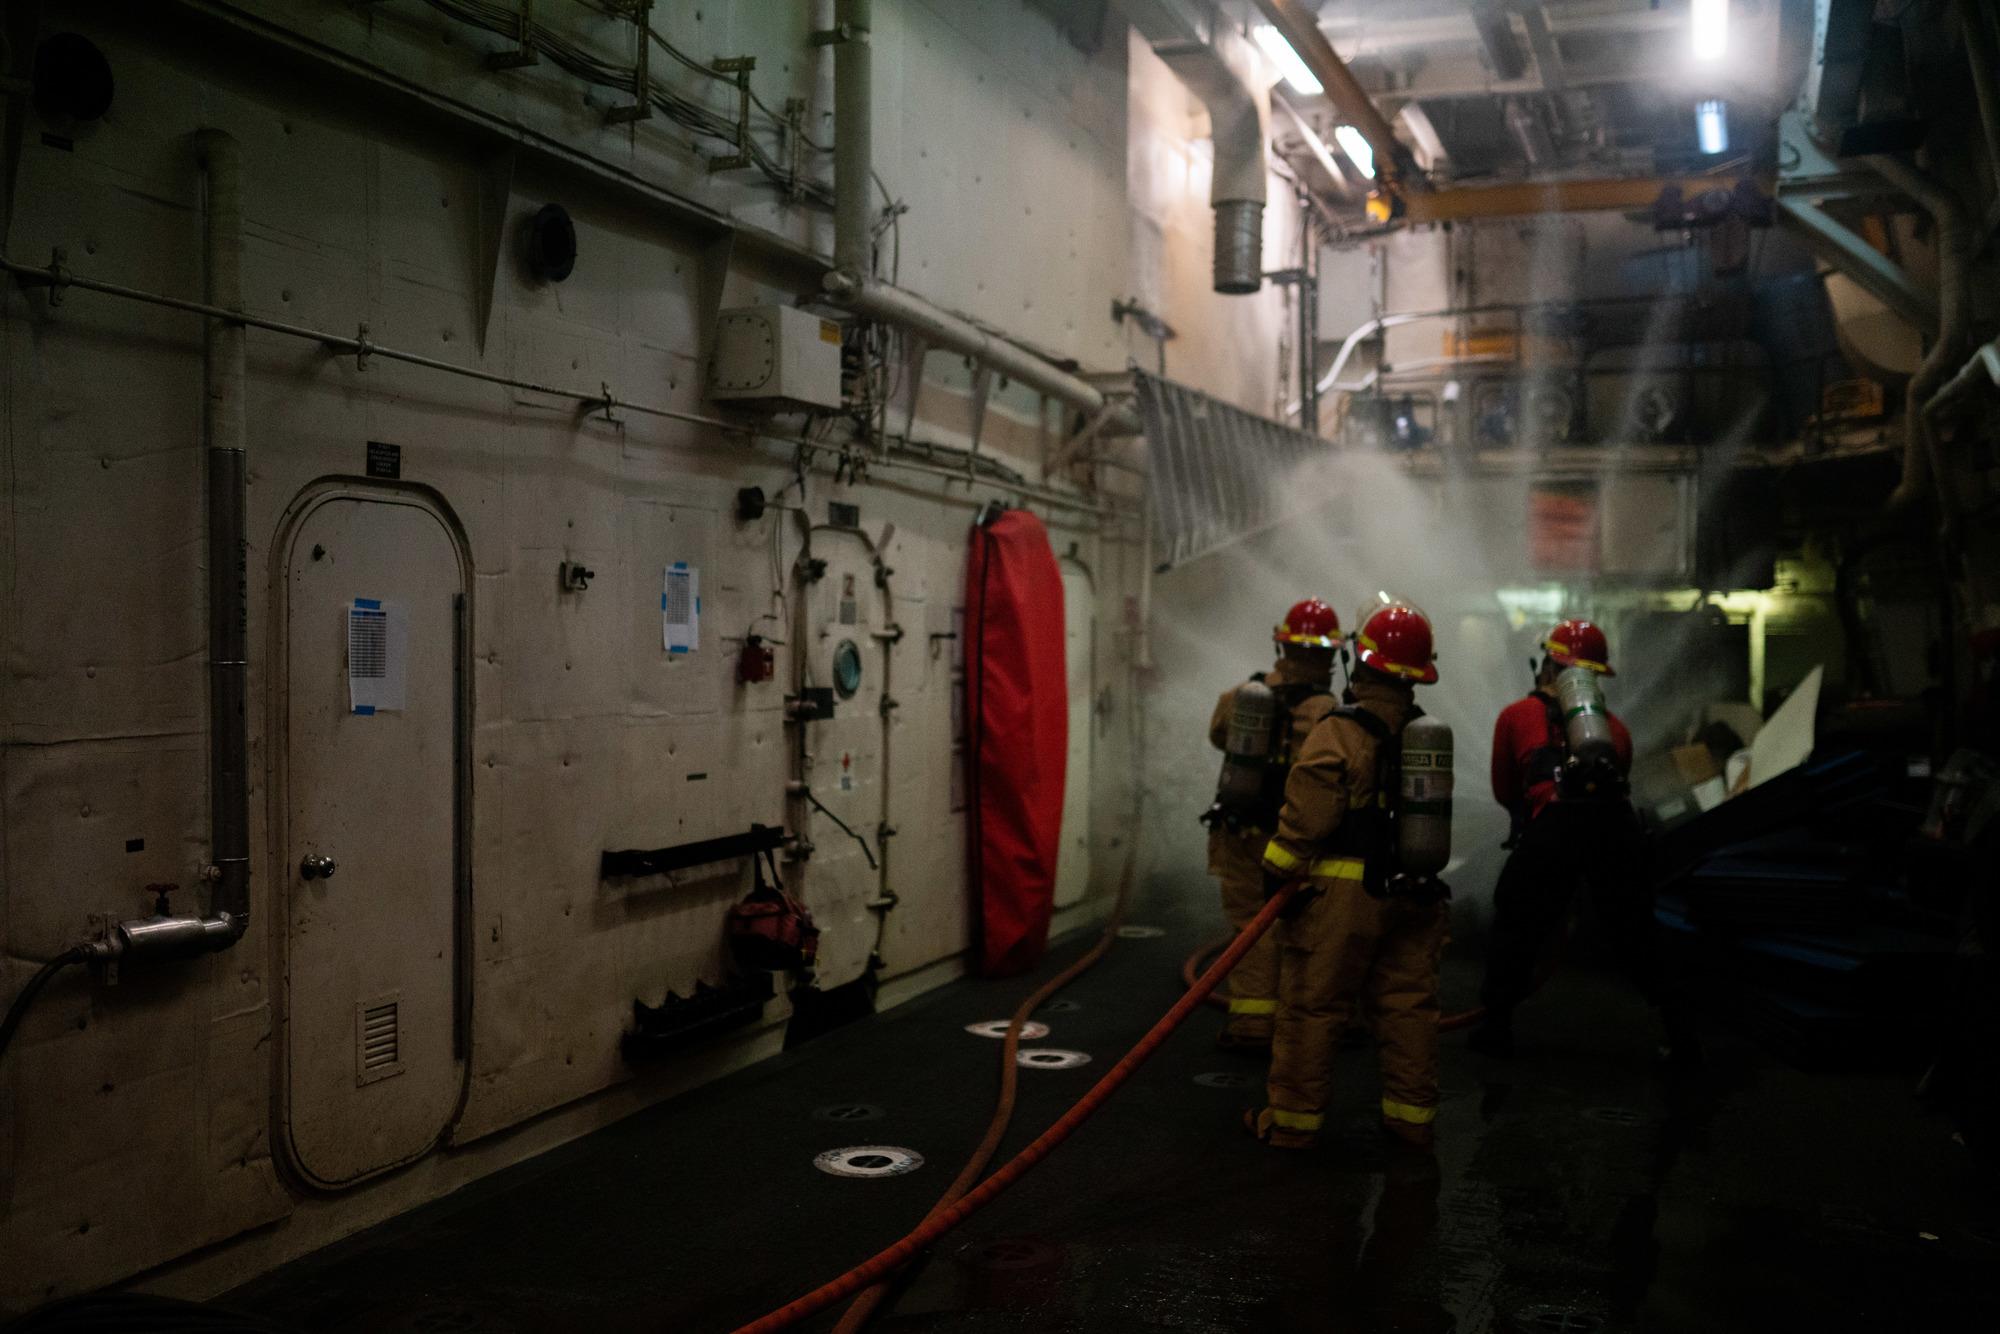 Photo: Crews battle fire onboard Coast Guard Cutter Waesche